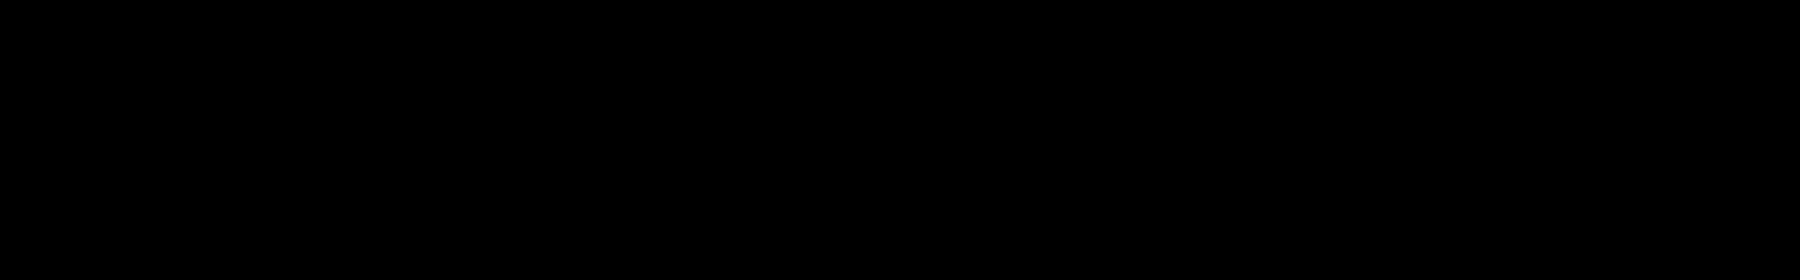 Glitches audio waveform